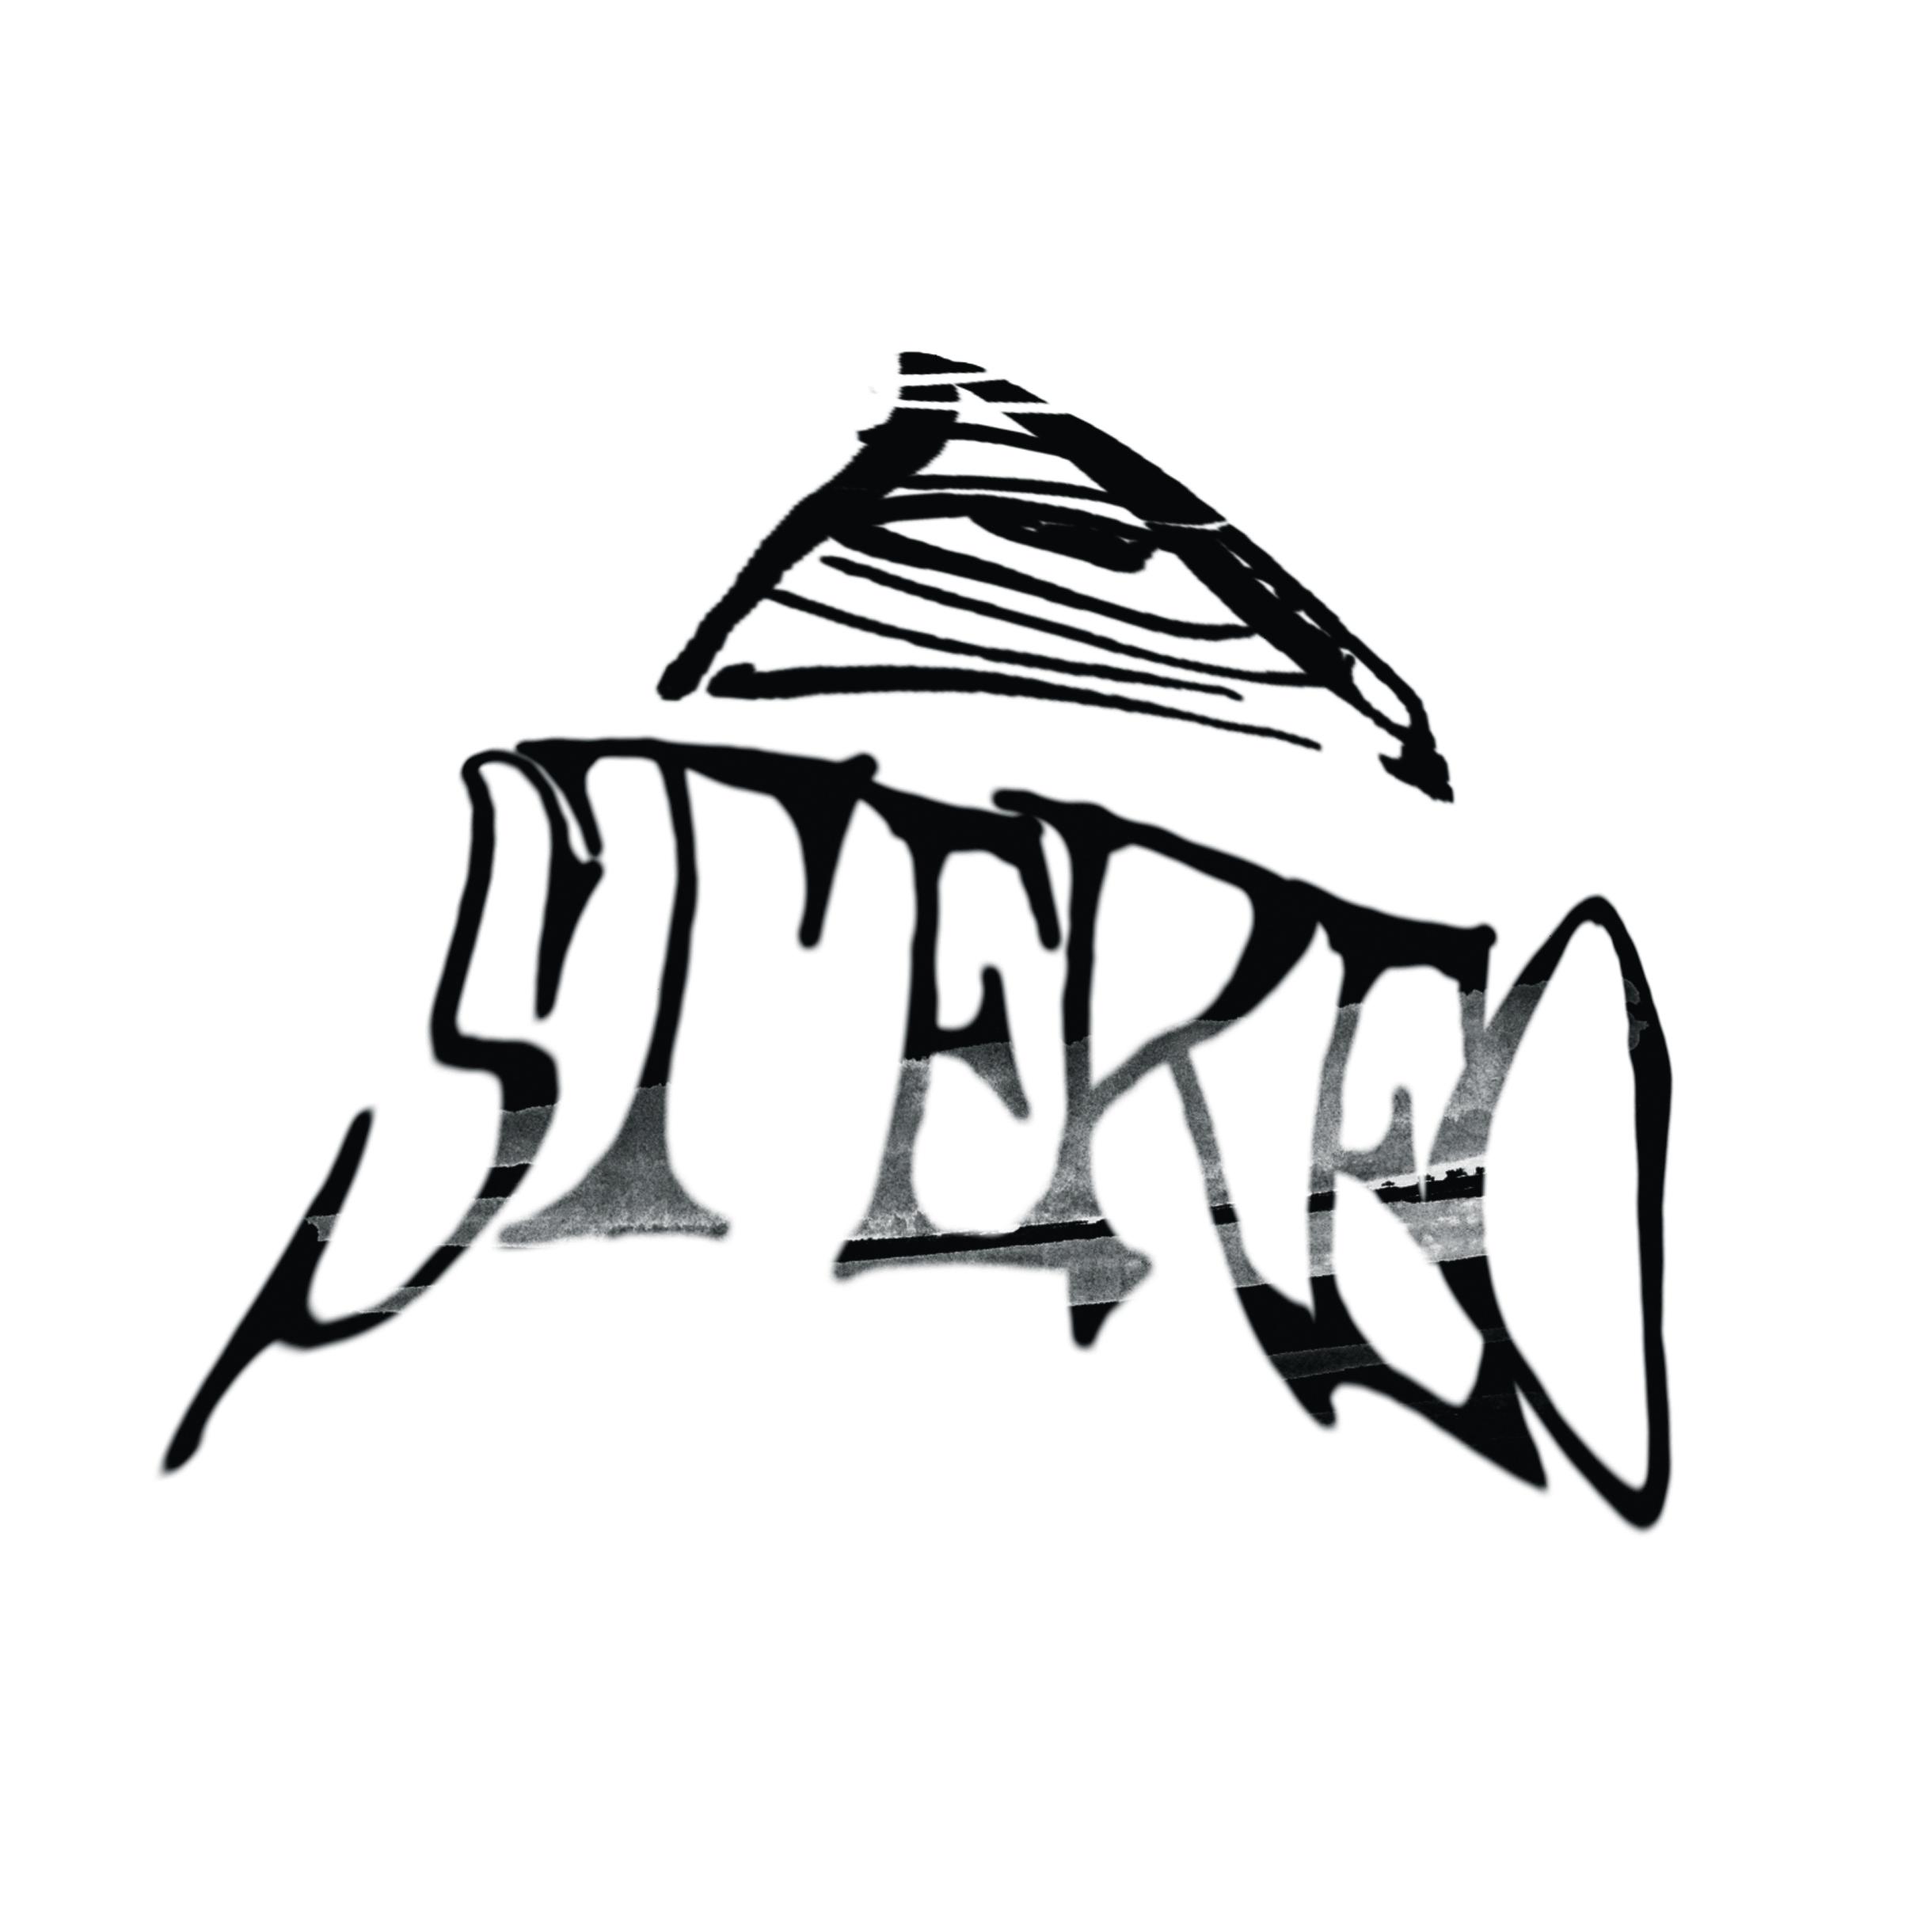 stereobikes_logo.jpg